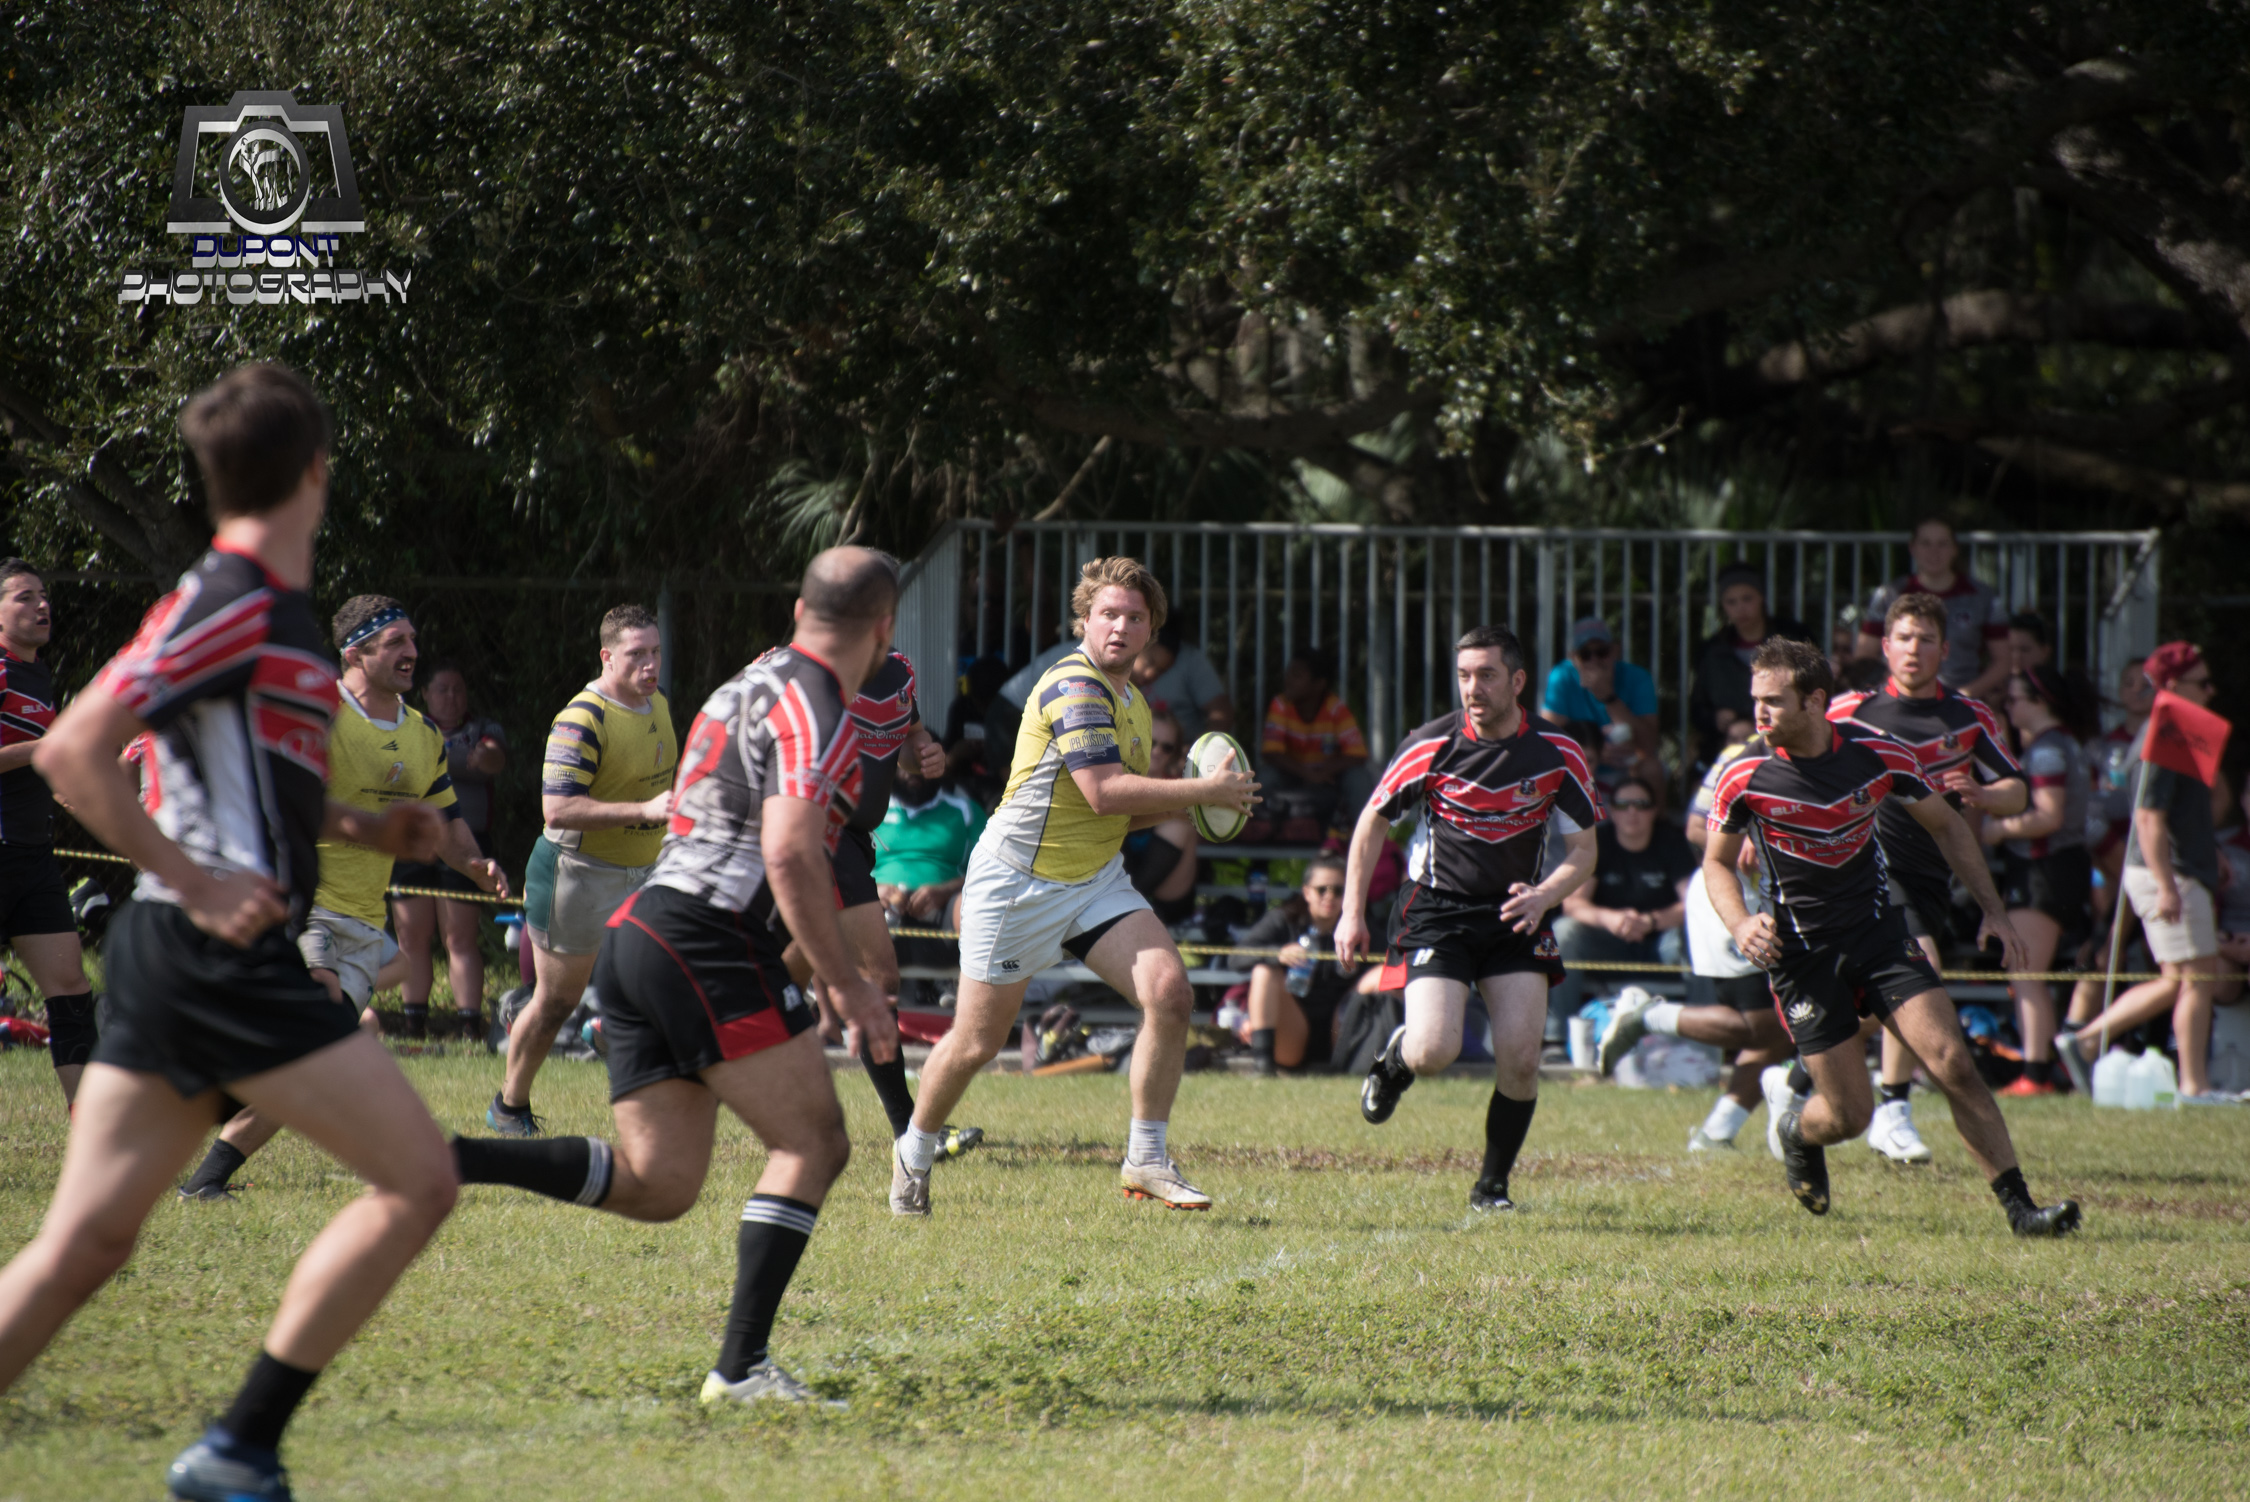 2019-01-19 Rugby-444-5.jpg